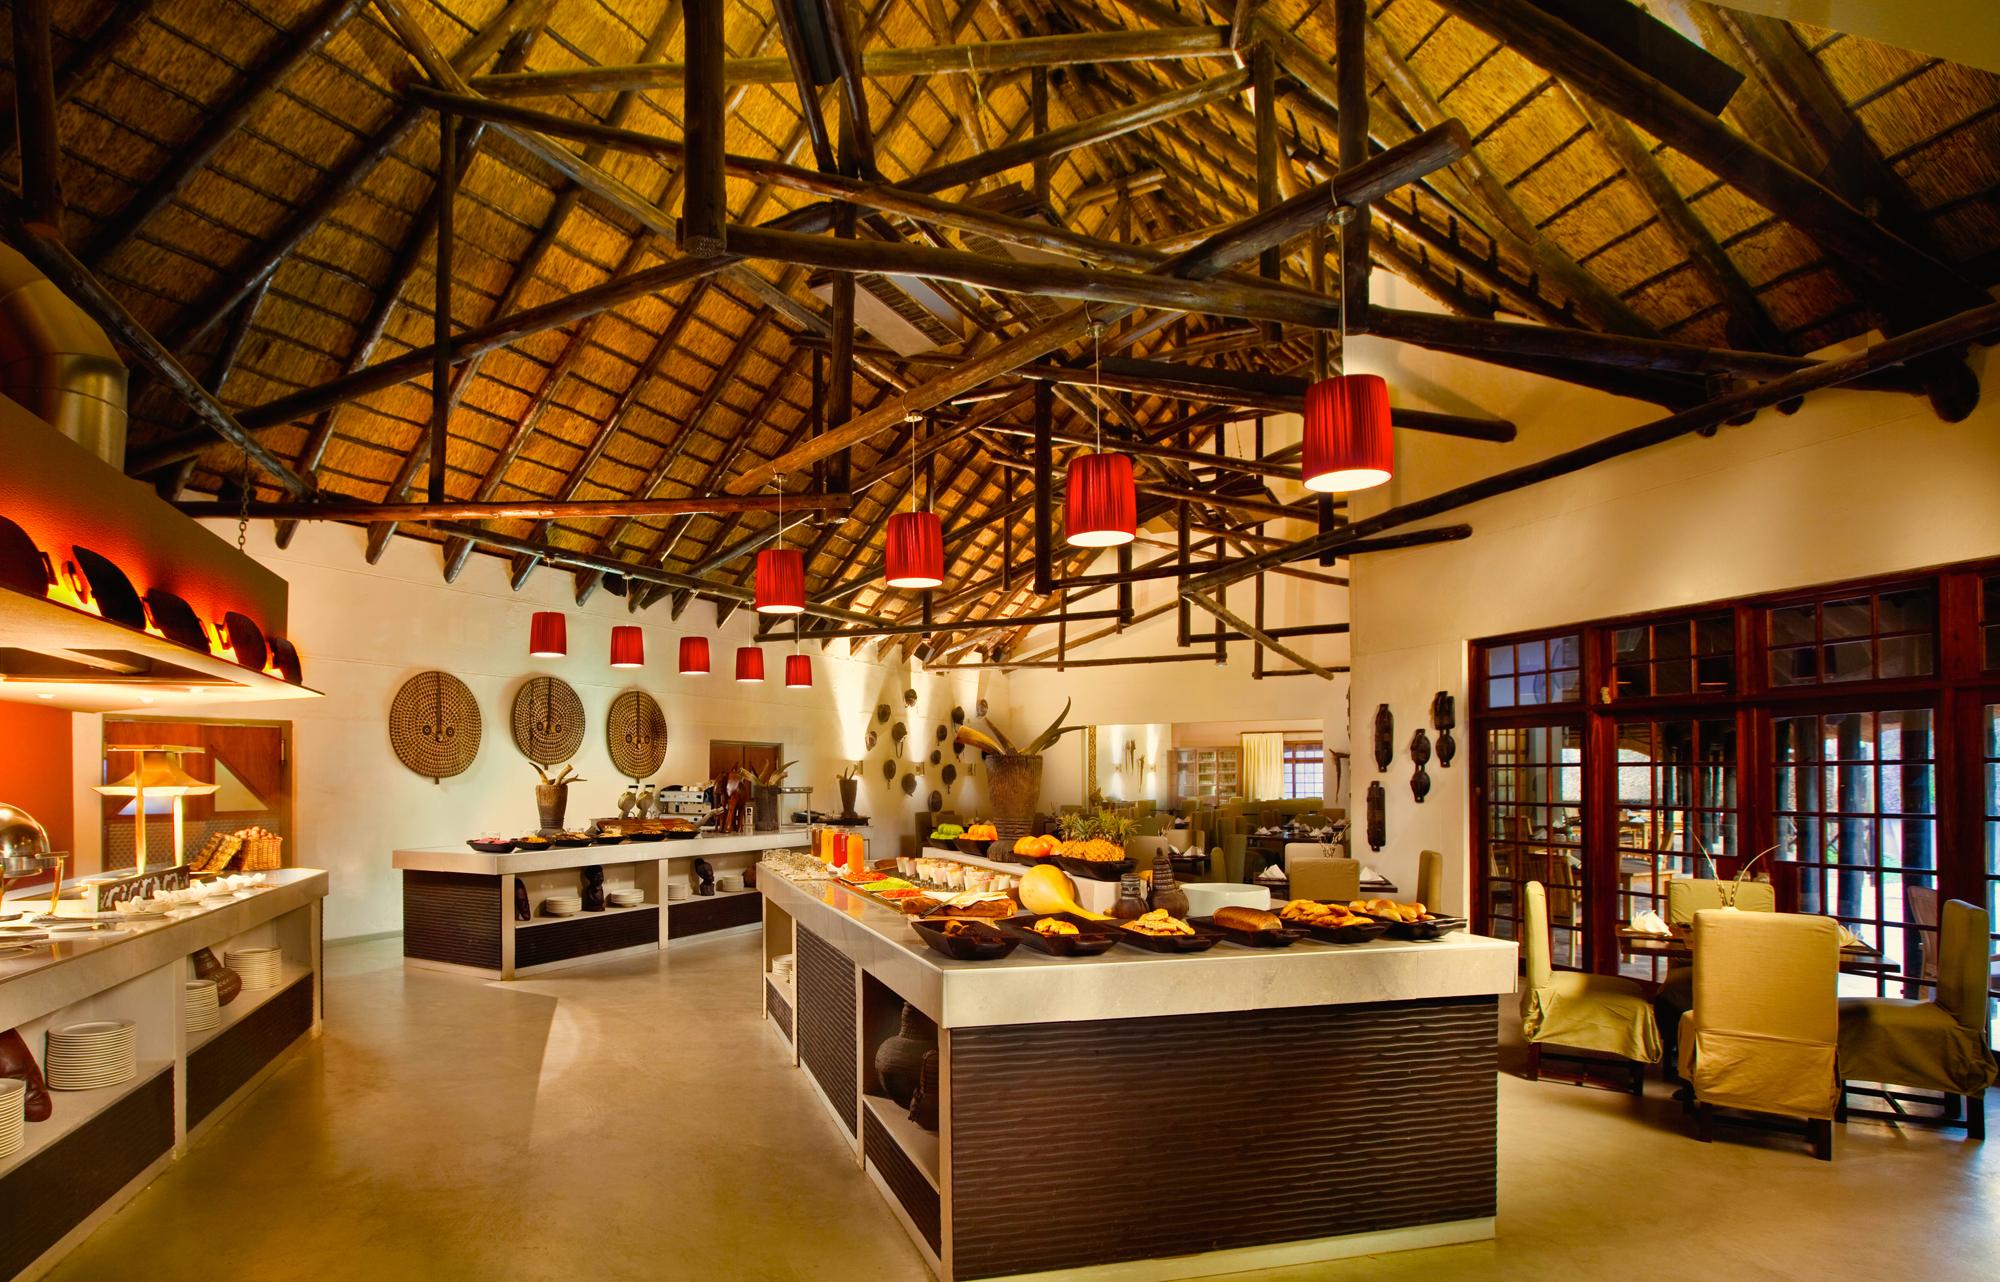 mokuti-etosha-lodge-dining-room